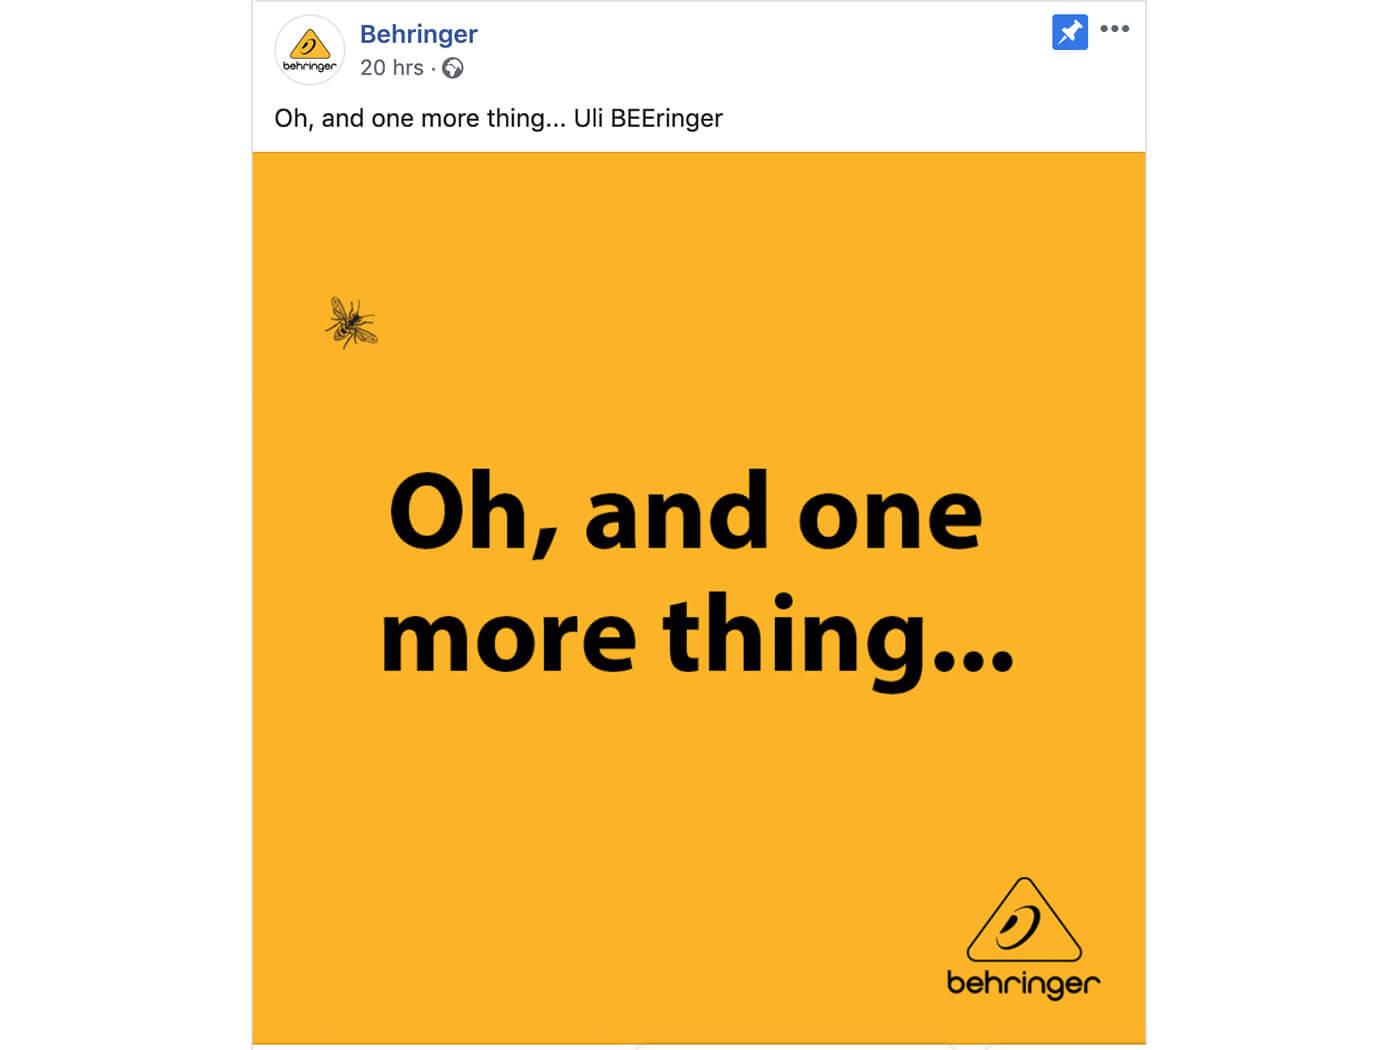 Behringer Wasp facebook